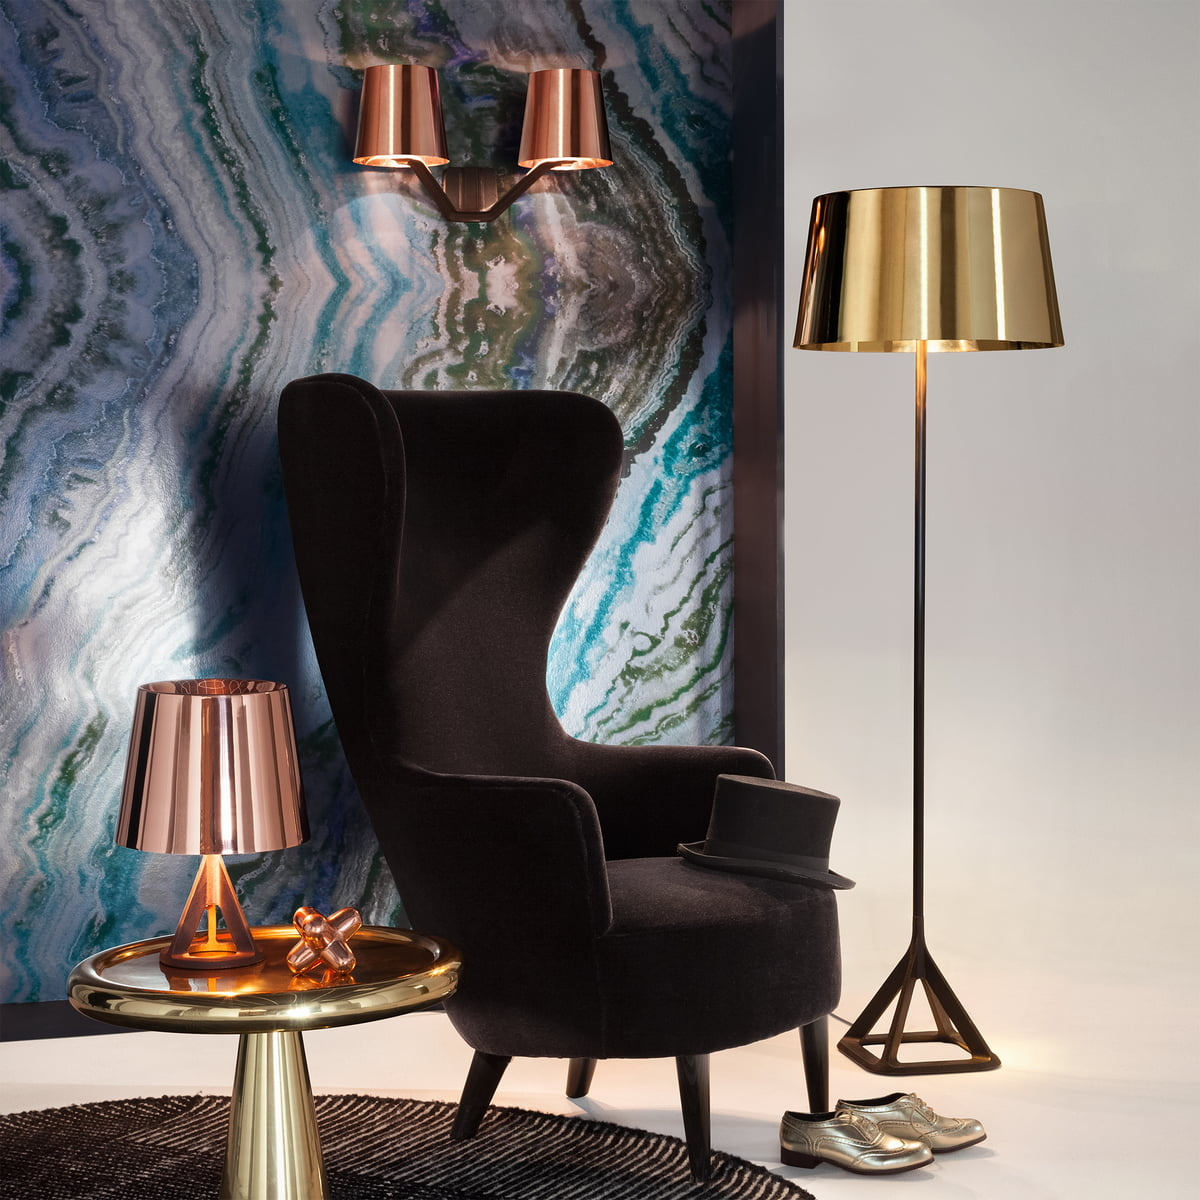 base wall light von tom dixon im shop. Black Bedroom Furniture Sets. Home Design Ideas